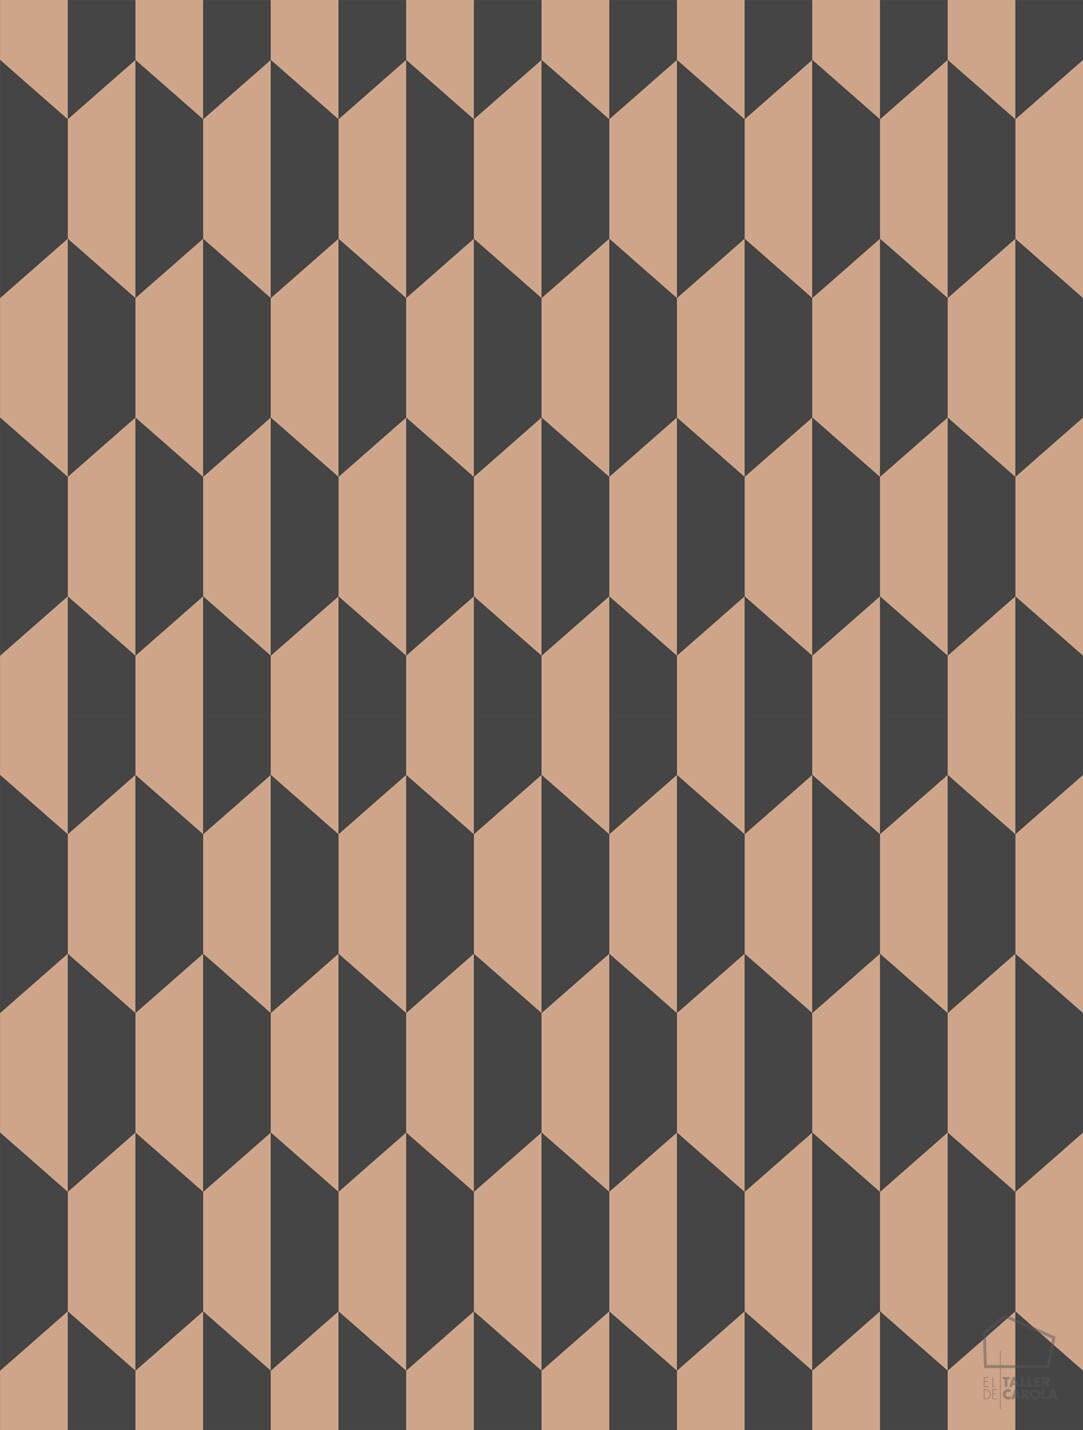 083icopet112-5022-papel-pintado-geometrico-cobre